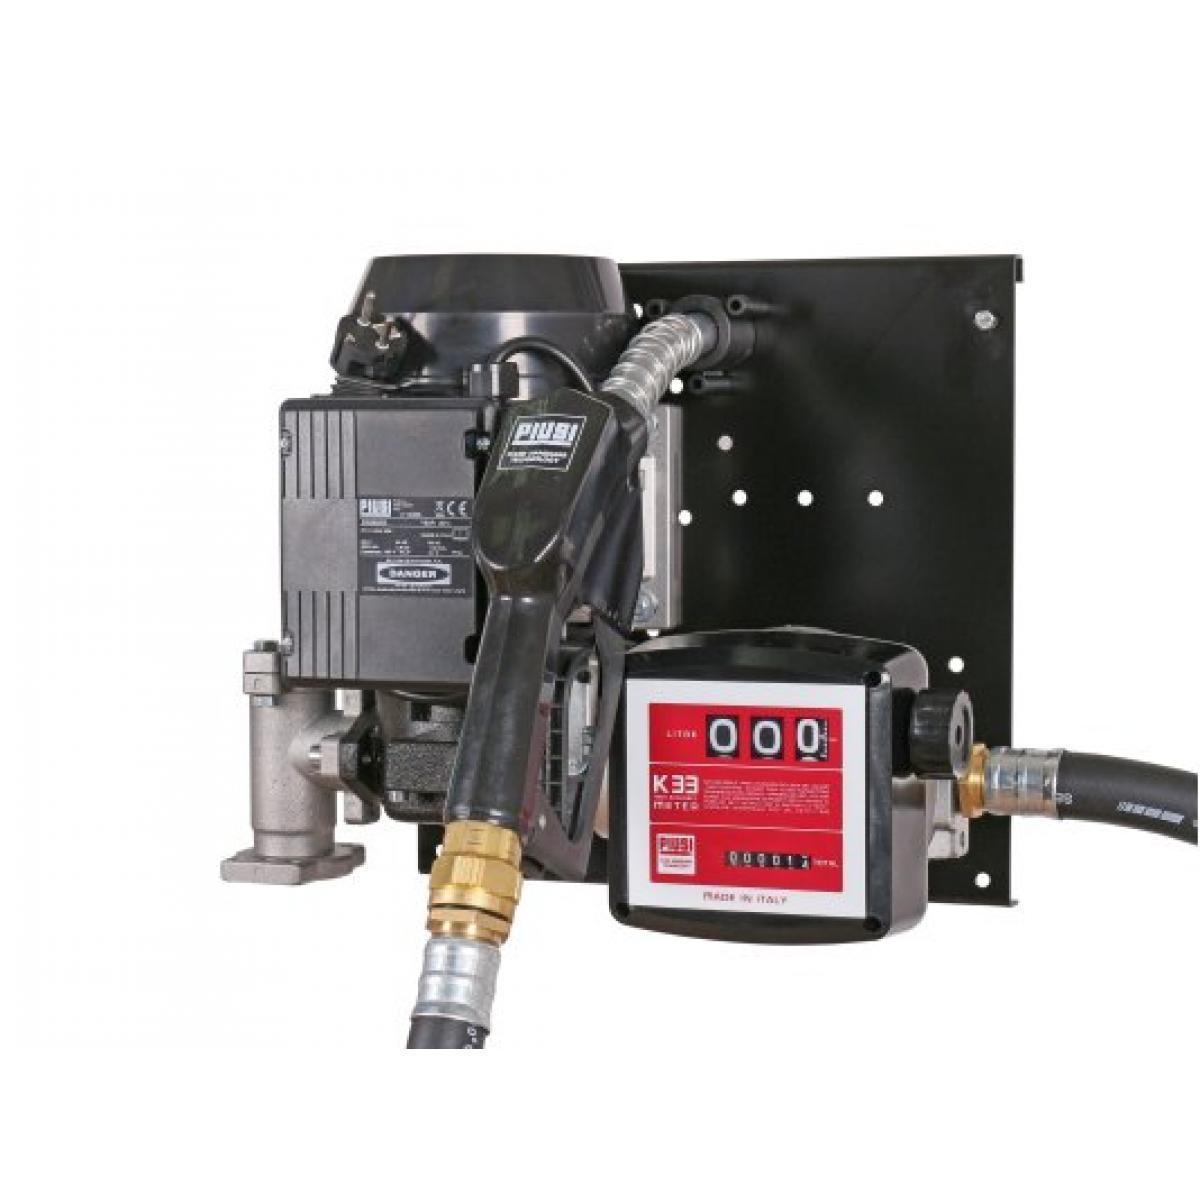 Мобильный топливо-заправочный модуль Piusi ST E 120 K33 A120 + Water Captor